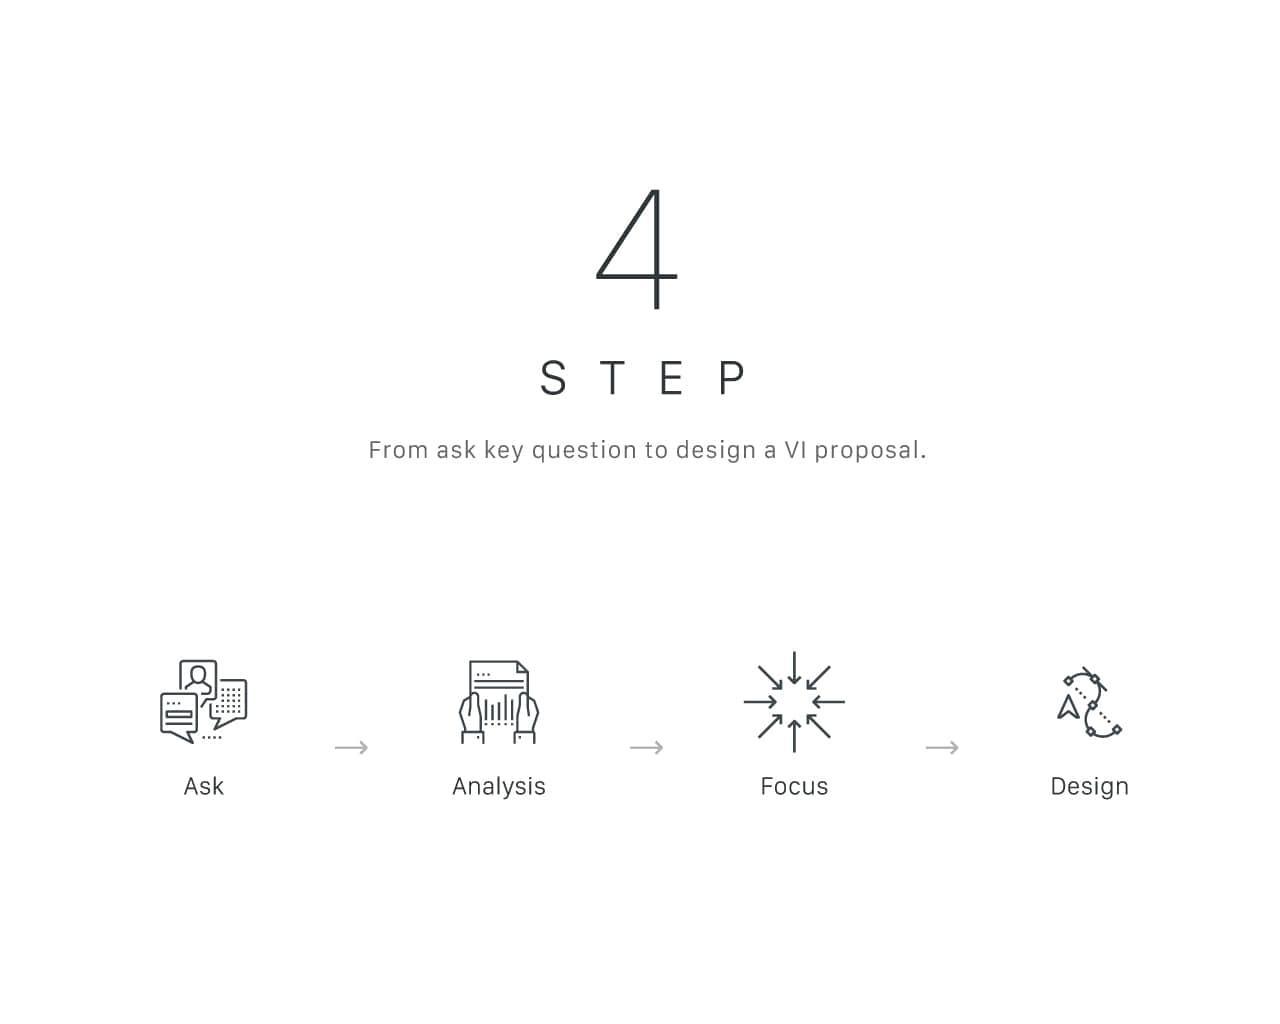 聚焦精準-4 步驟重塑帕格數碼品牌識別